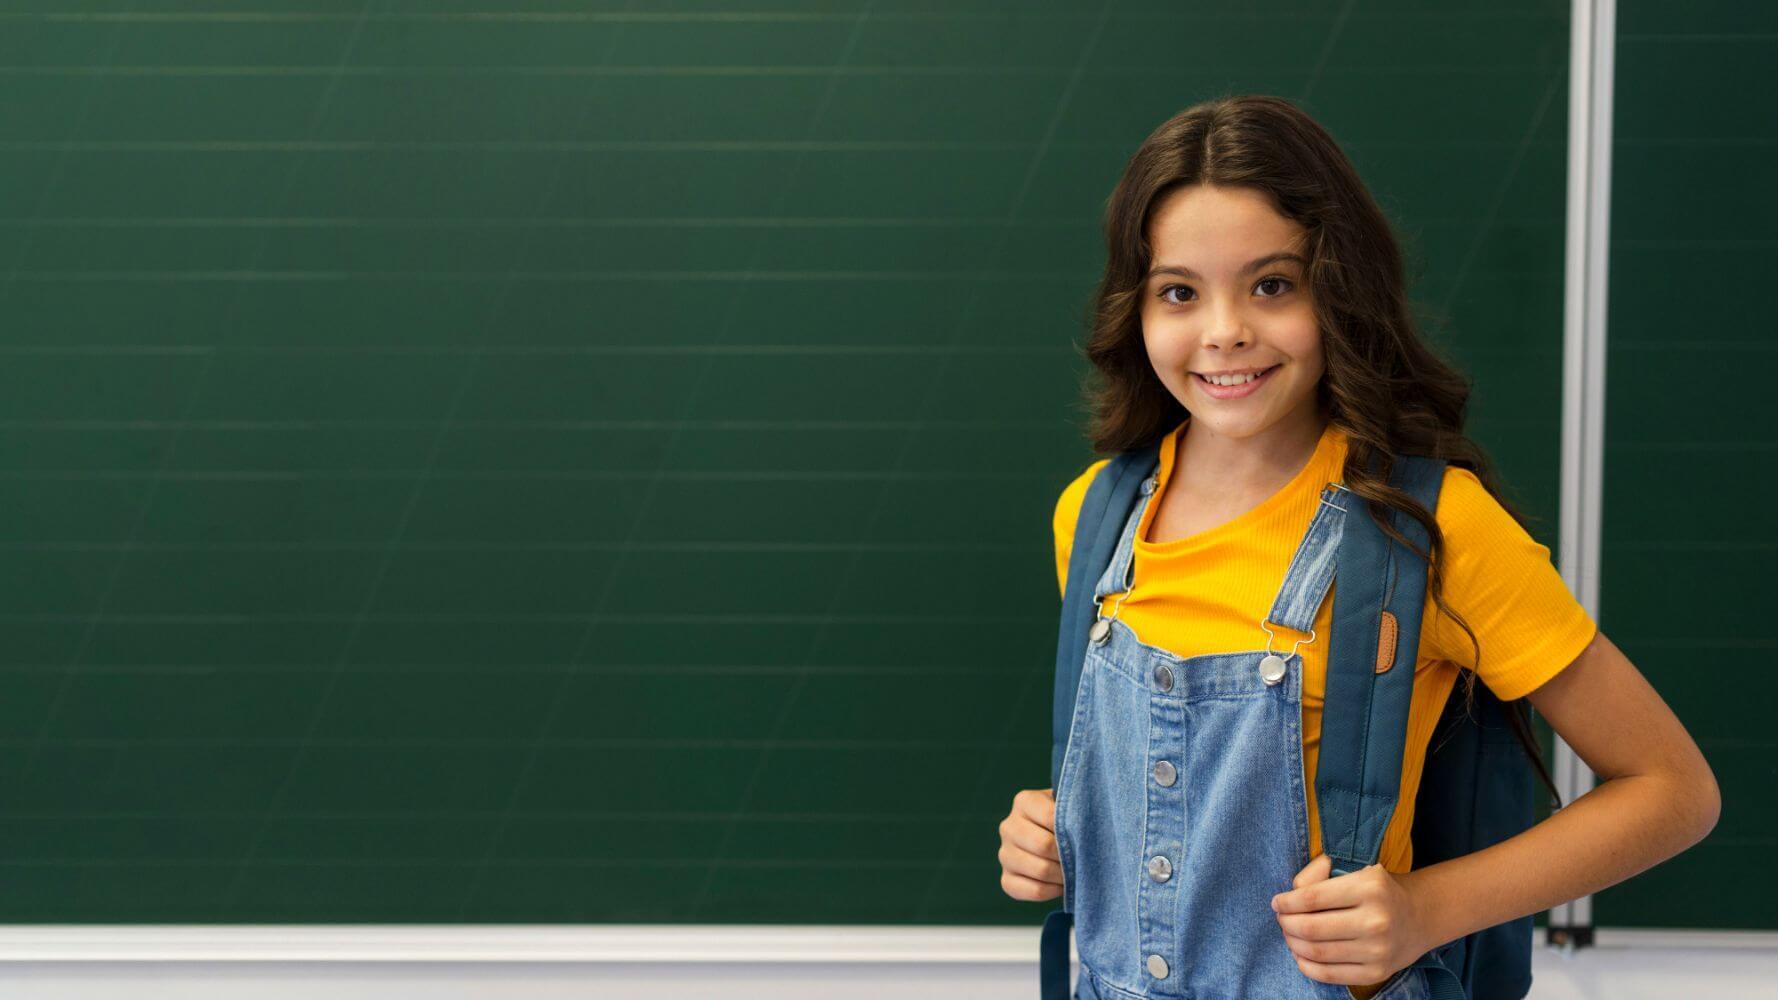 Άνοιγμα σχολείων: Πόσοι εκπαιδευτικοί επιτρέπονται να είναι στο ίδιο αυτοκίνητο